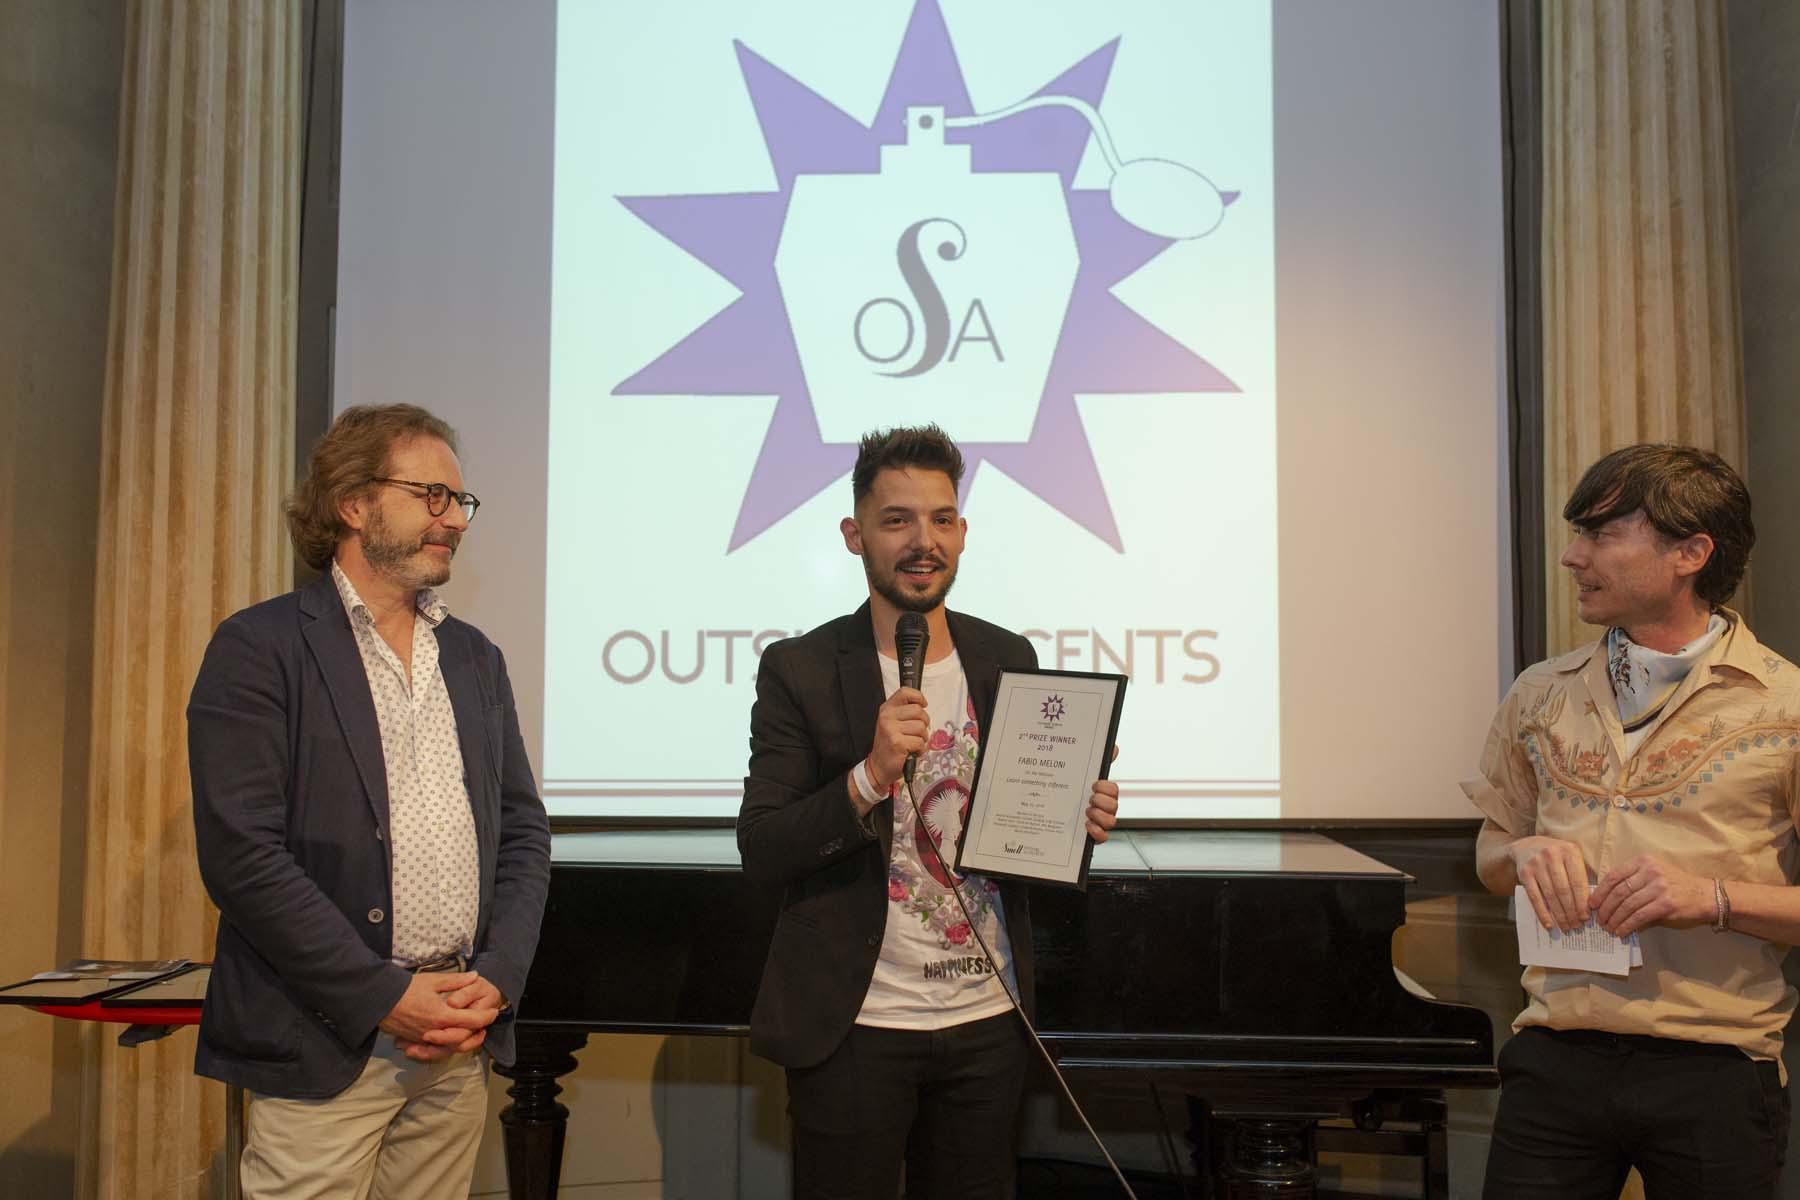 Fabio Meloni OSA! Award 2018